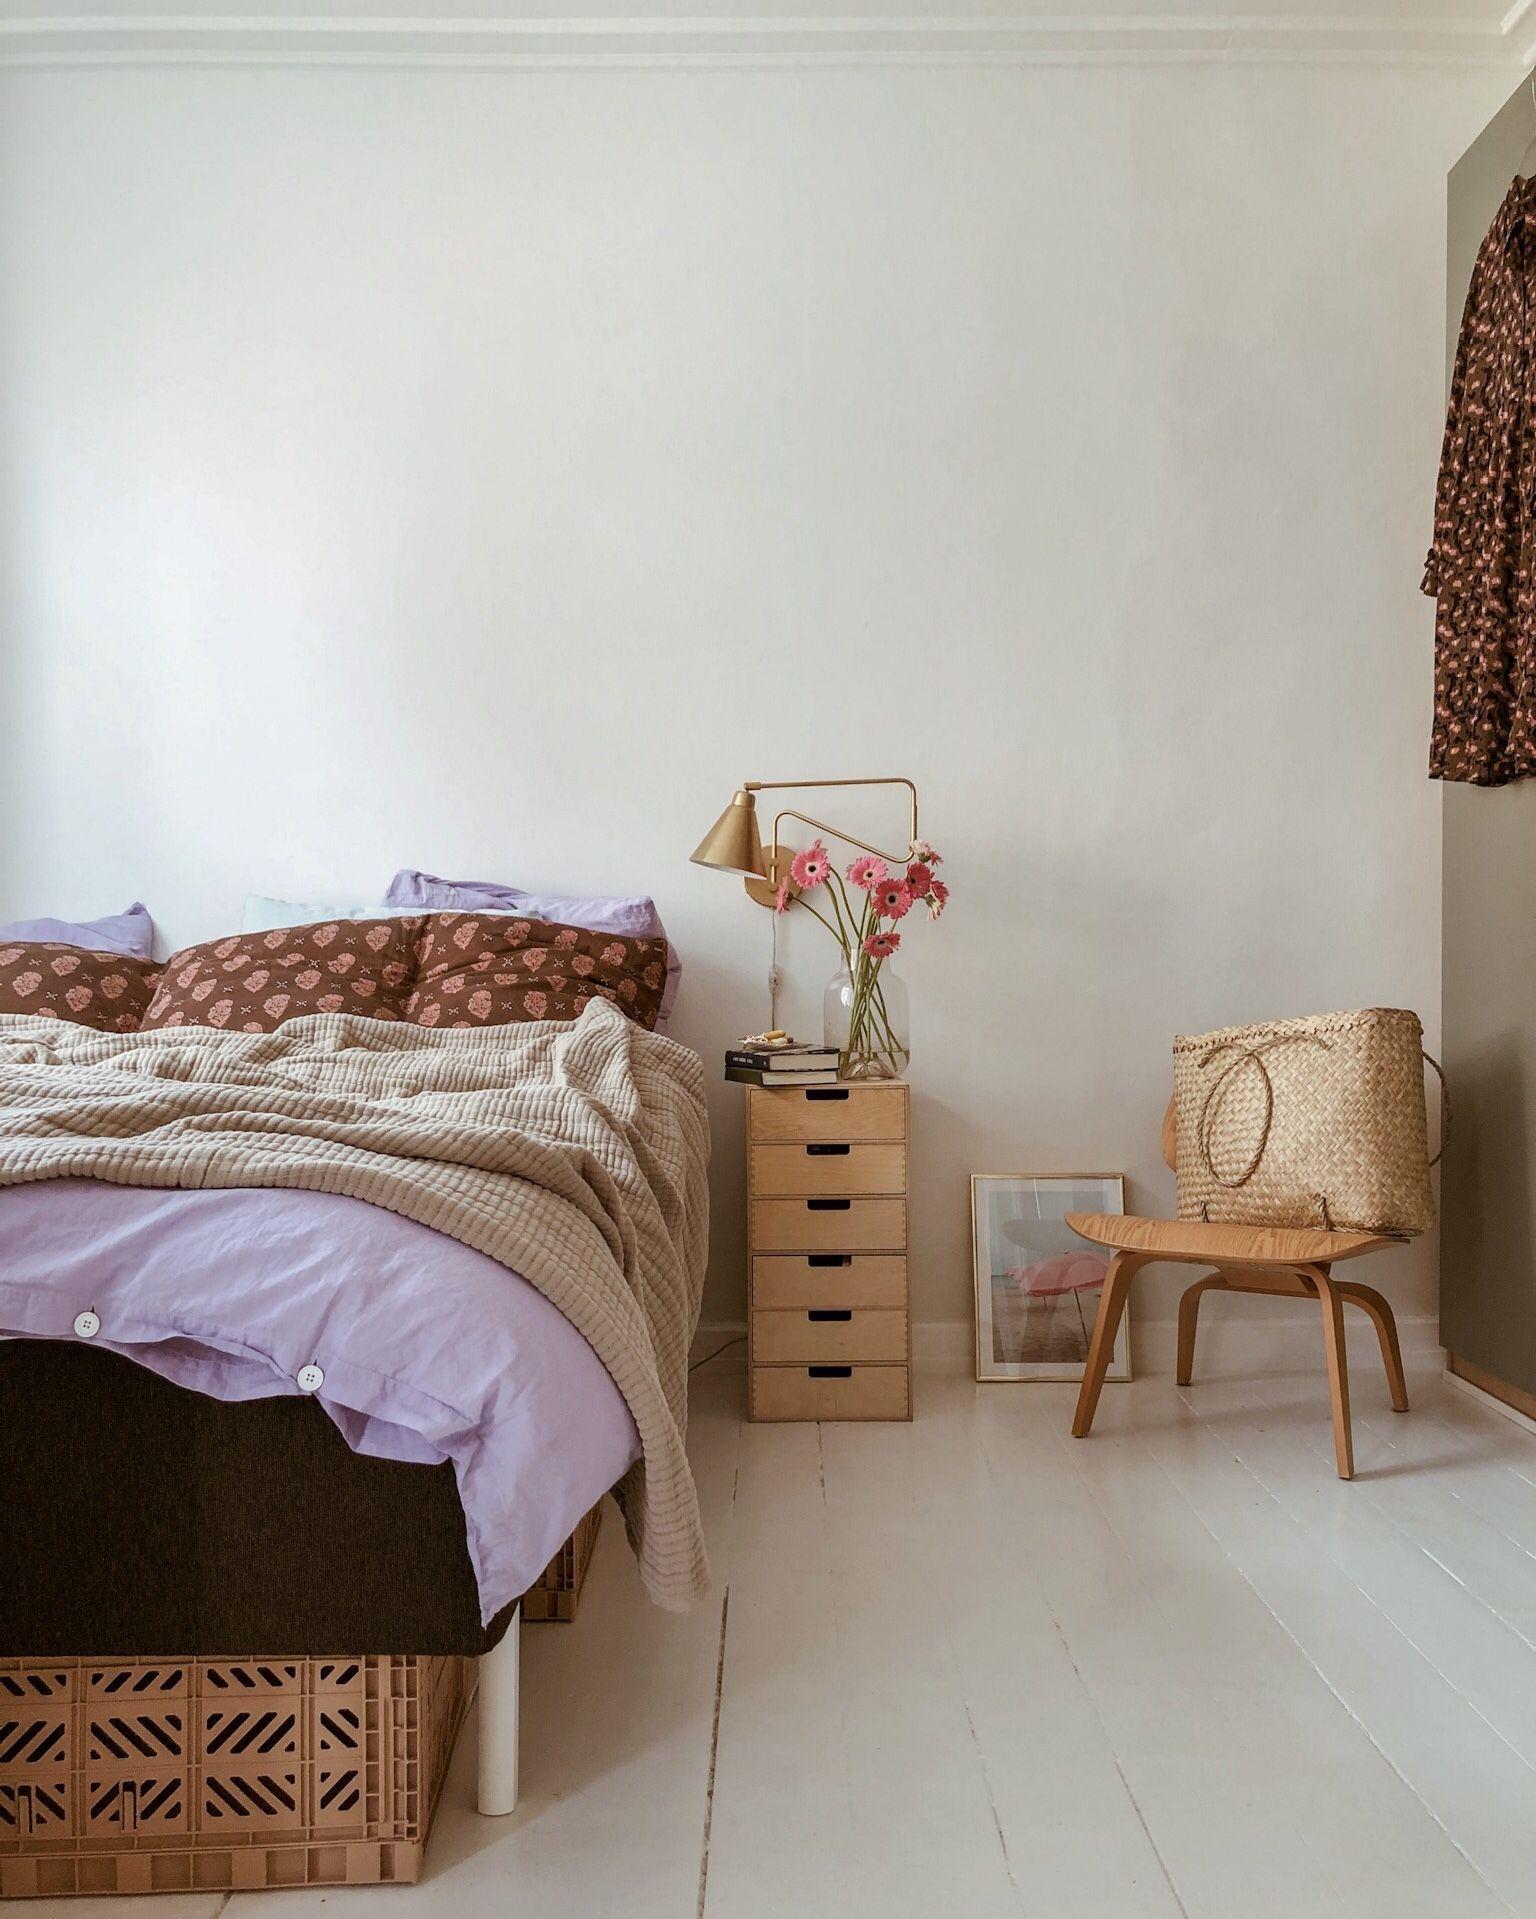 85 Charming Rustic Bedroom Ideas And Designs 4 In 2020: Ombygning Del IV: Vores Soveværelse Er Færdig (næsten